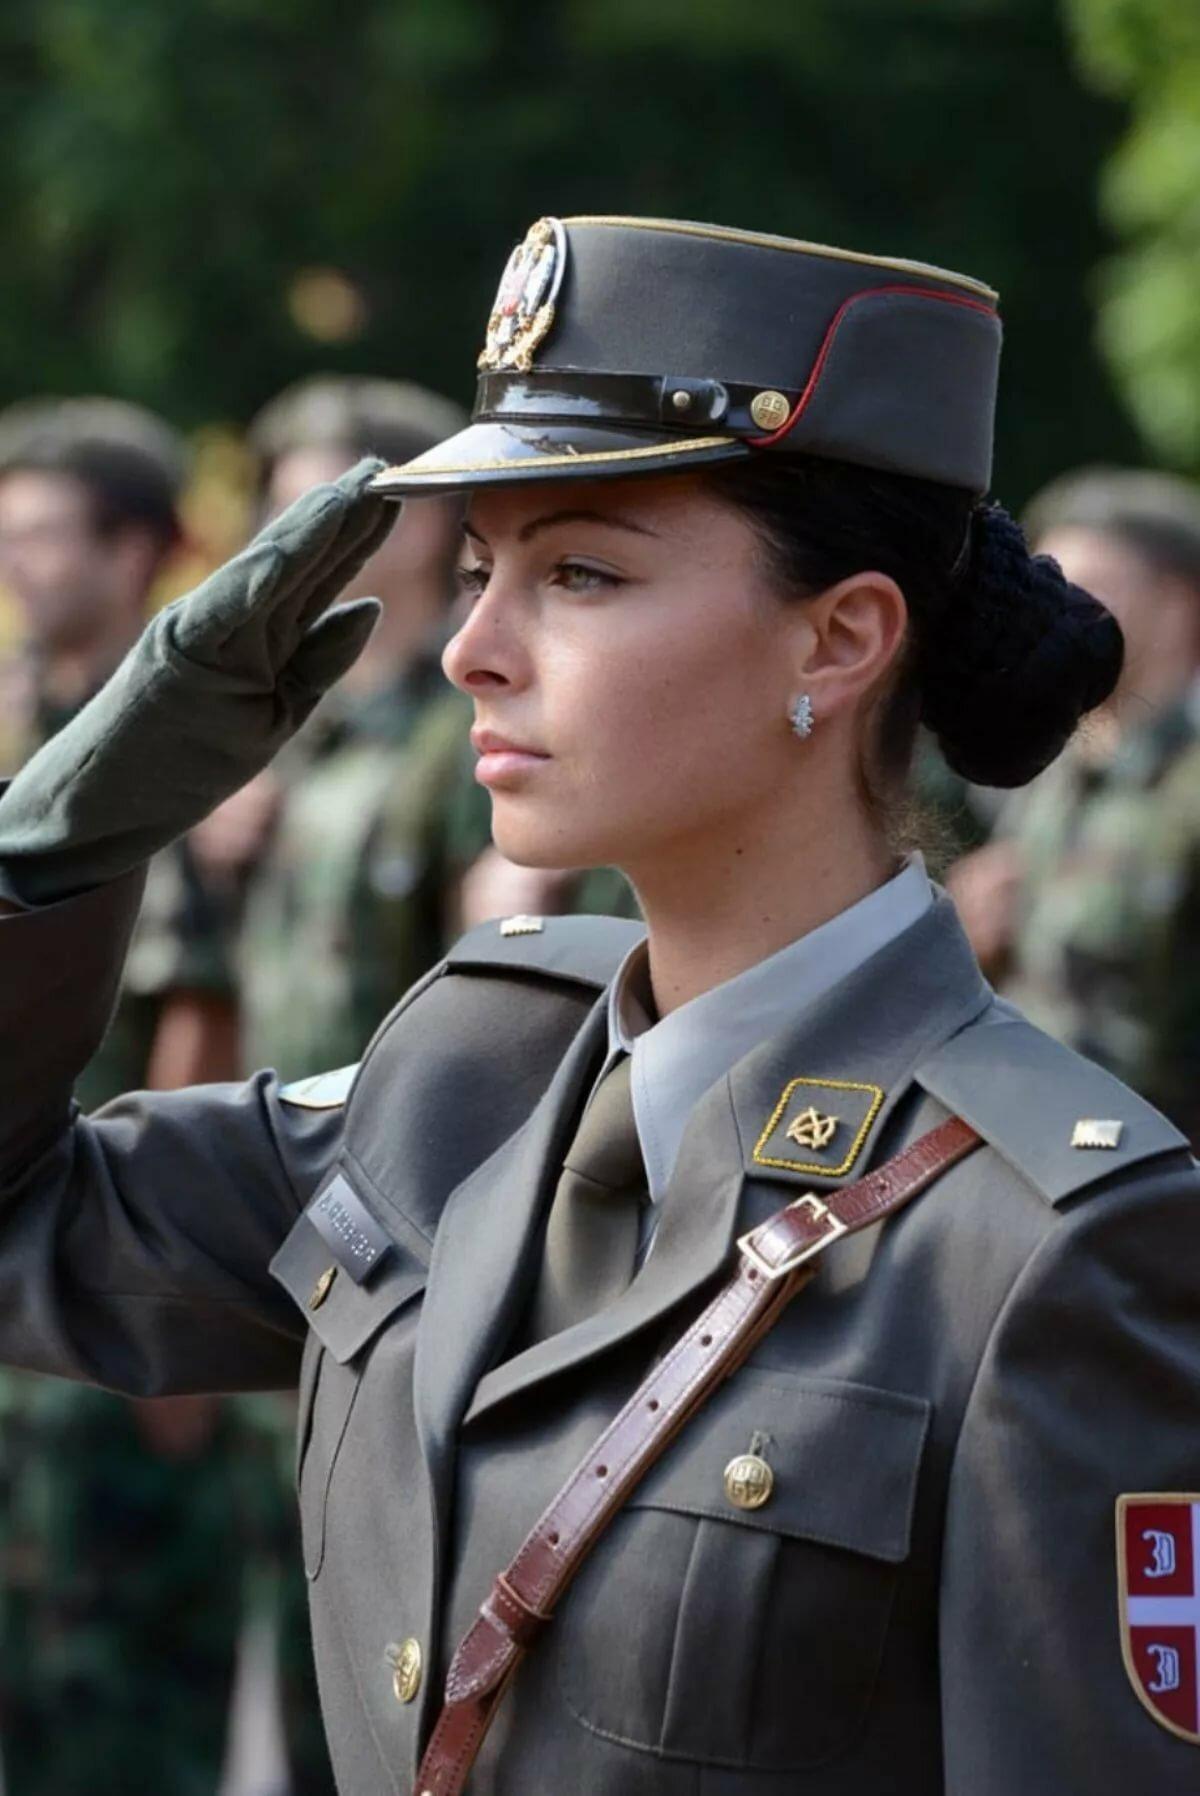 бабы в военной форме фото мысли, эмоции